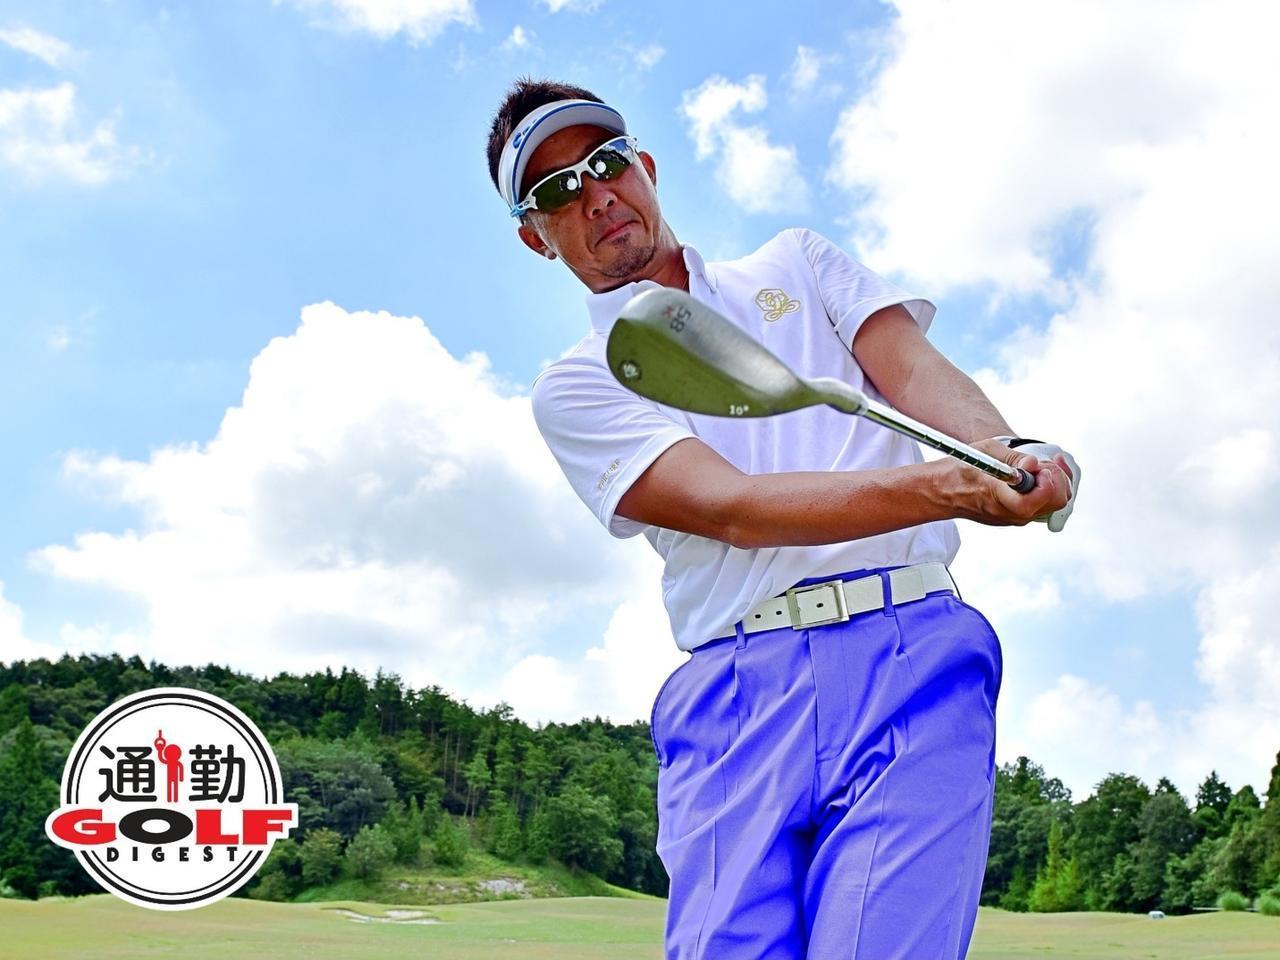 画像: 【通勤GD】星野英正のピタッと寄ります30・40・50ヤードVol.3 「3個並べたボールを全部打つイメージで振ってみよう」 - ゴルフへ行こうWEB by ゴルフダイジェスト